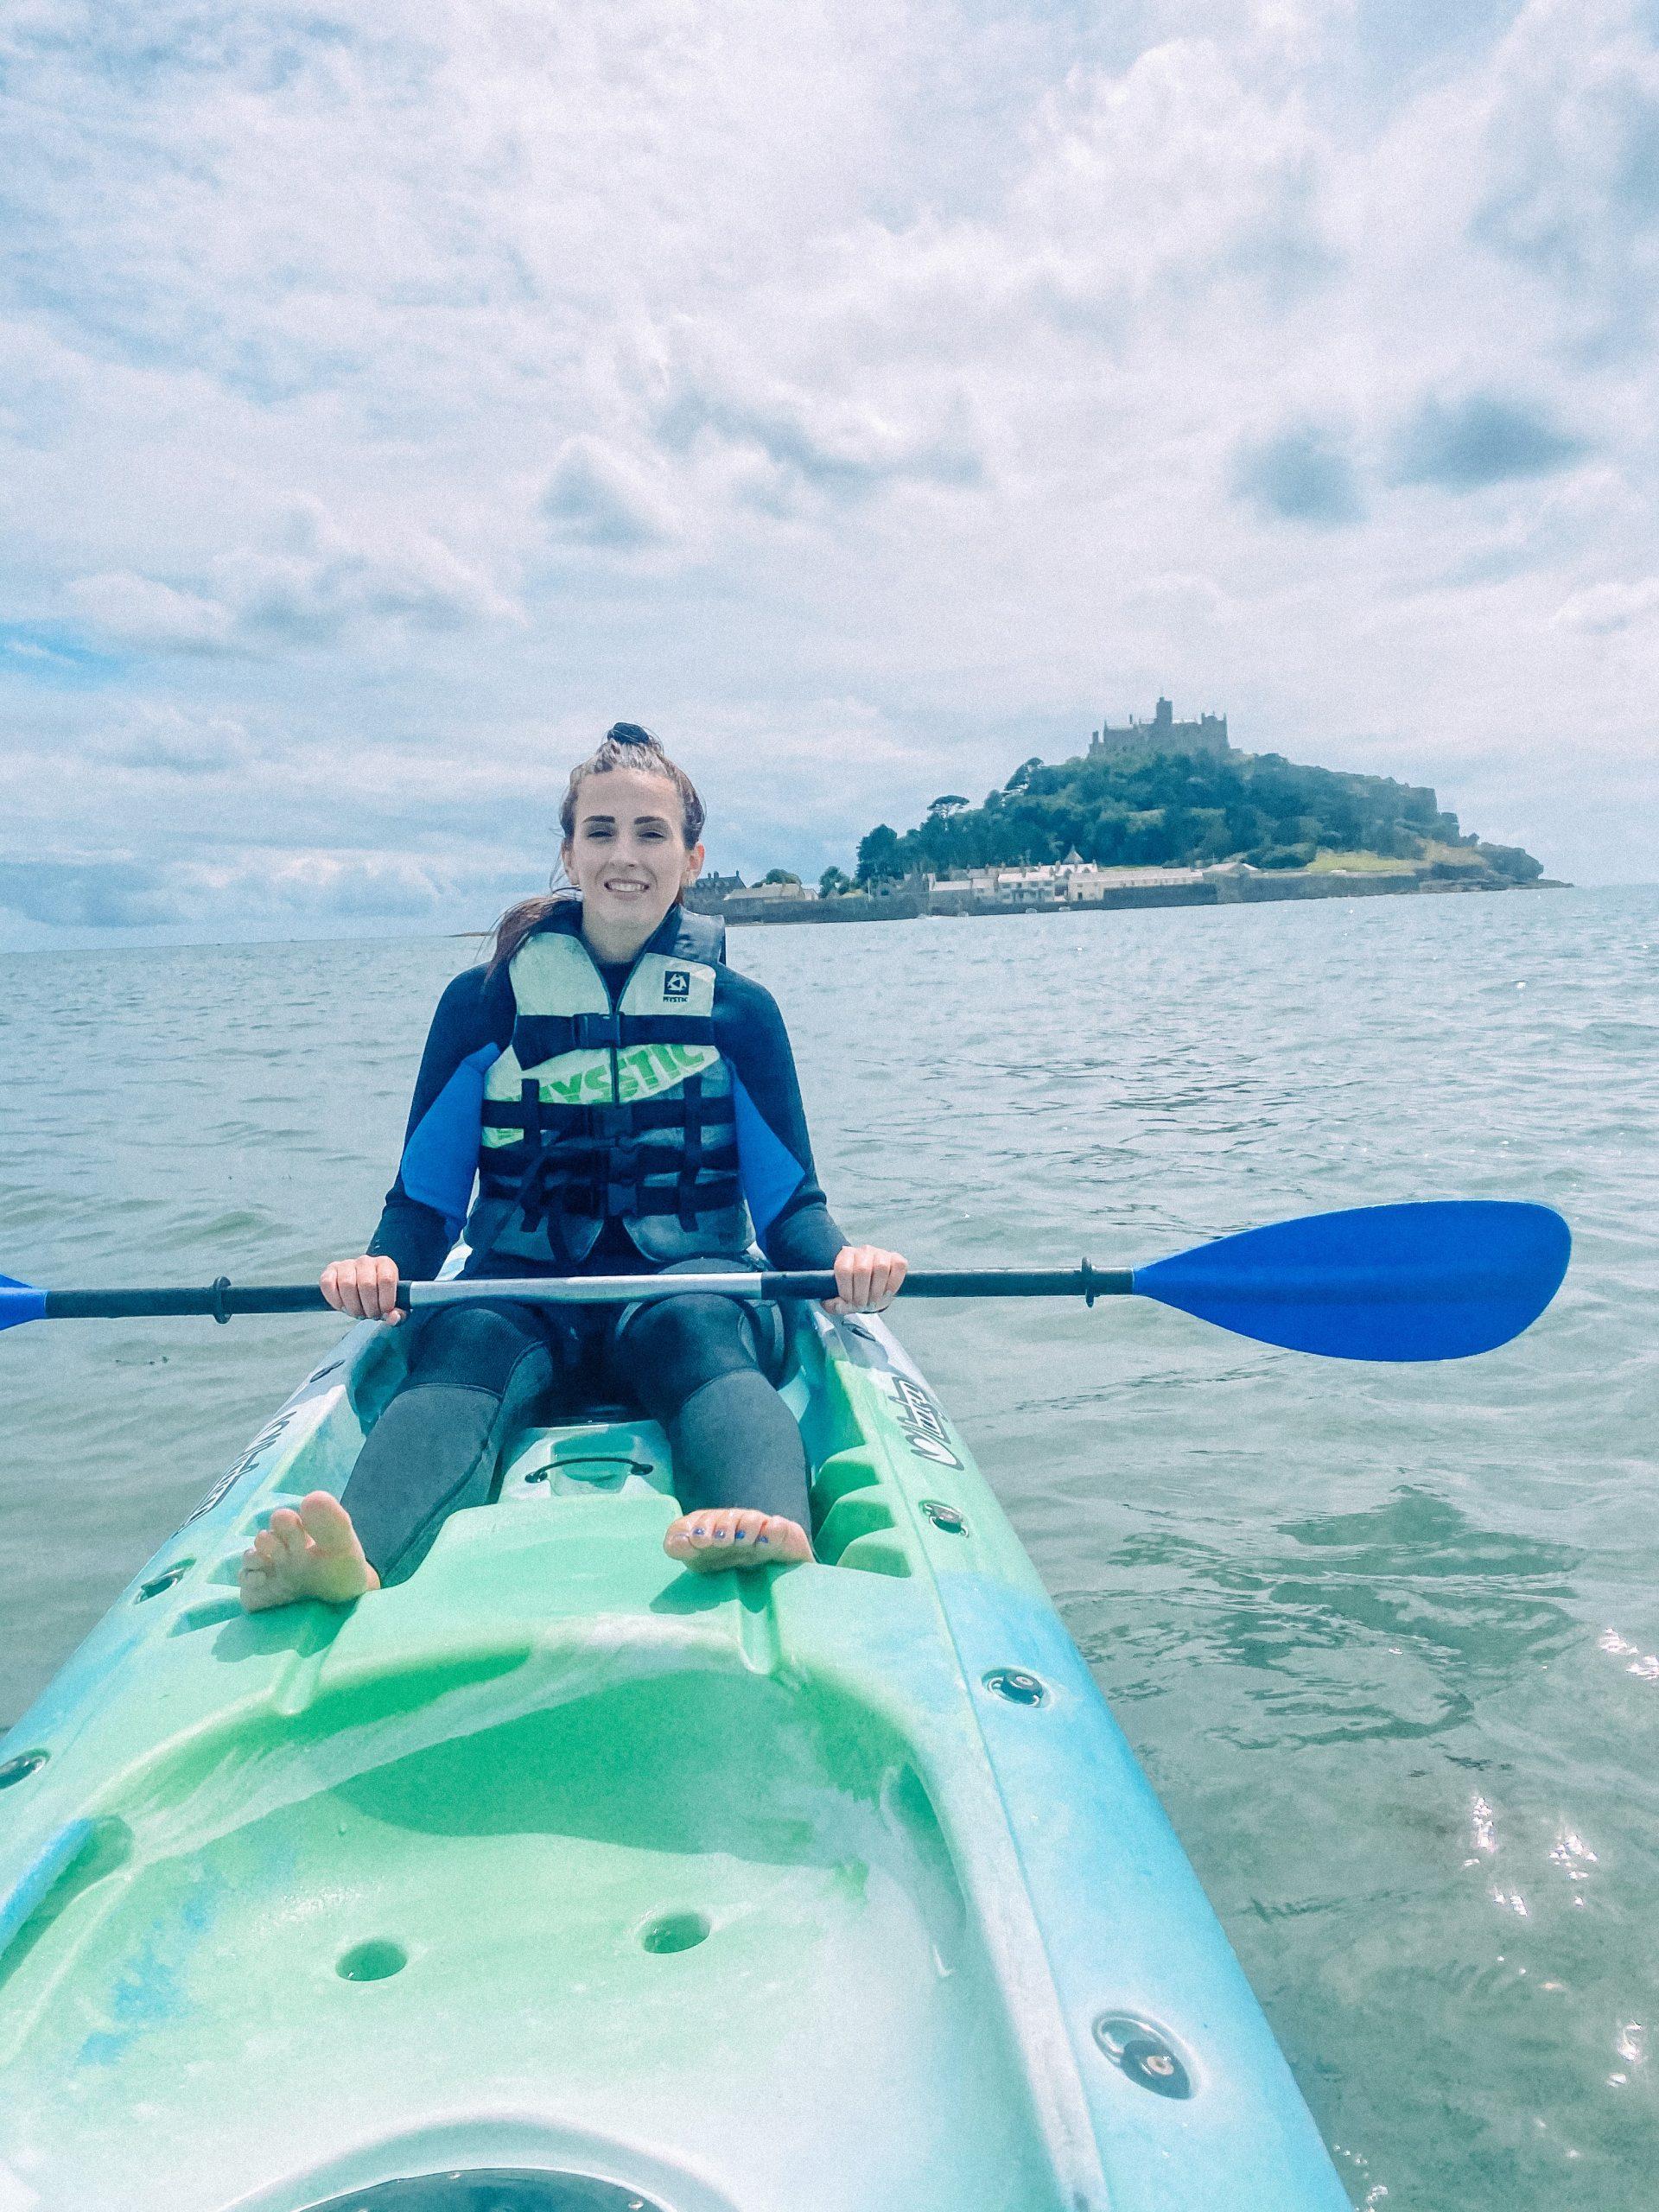 Kayaking at St Michael's Mount, Cornwall